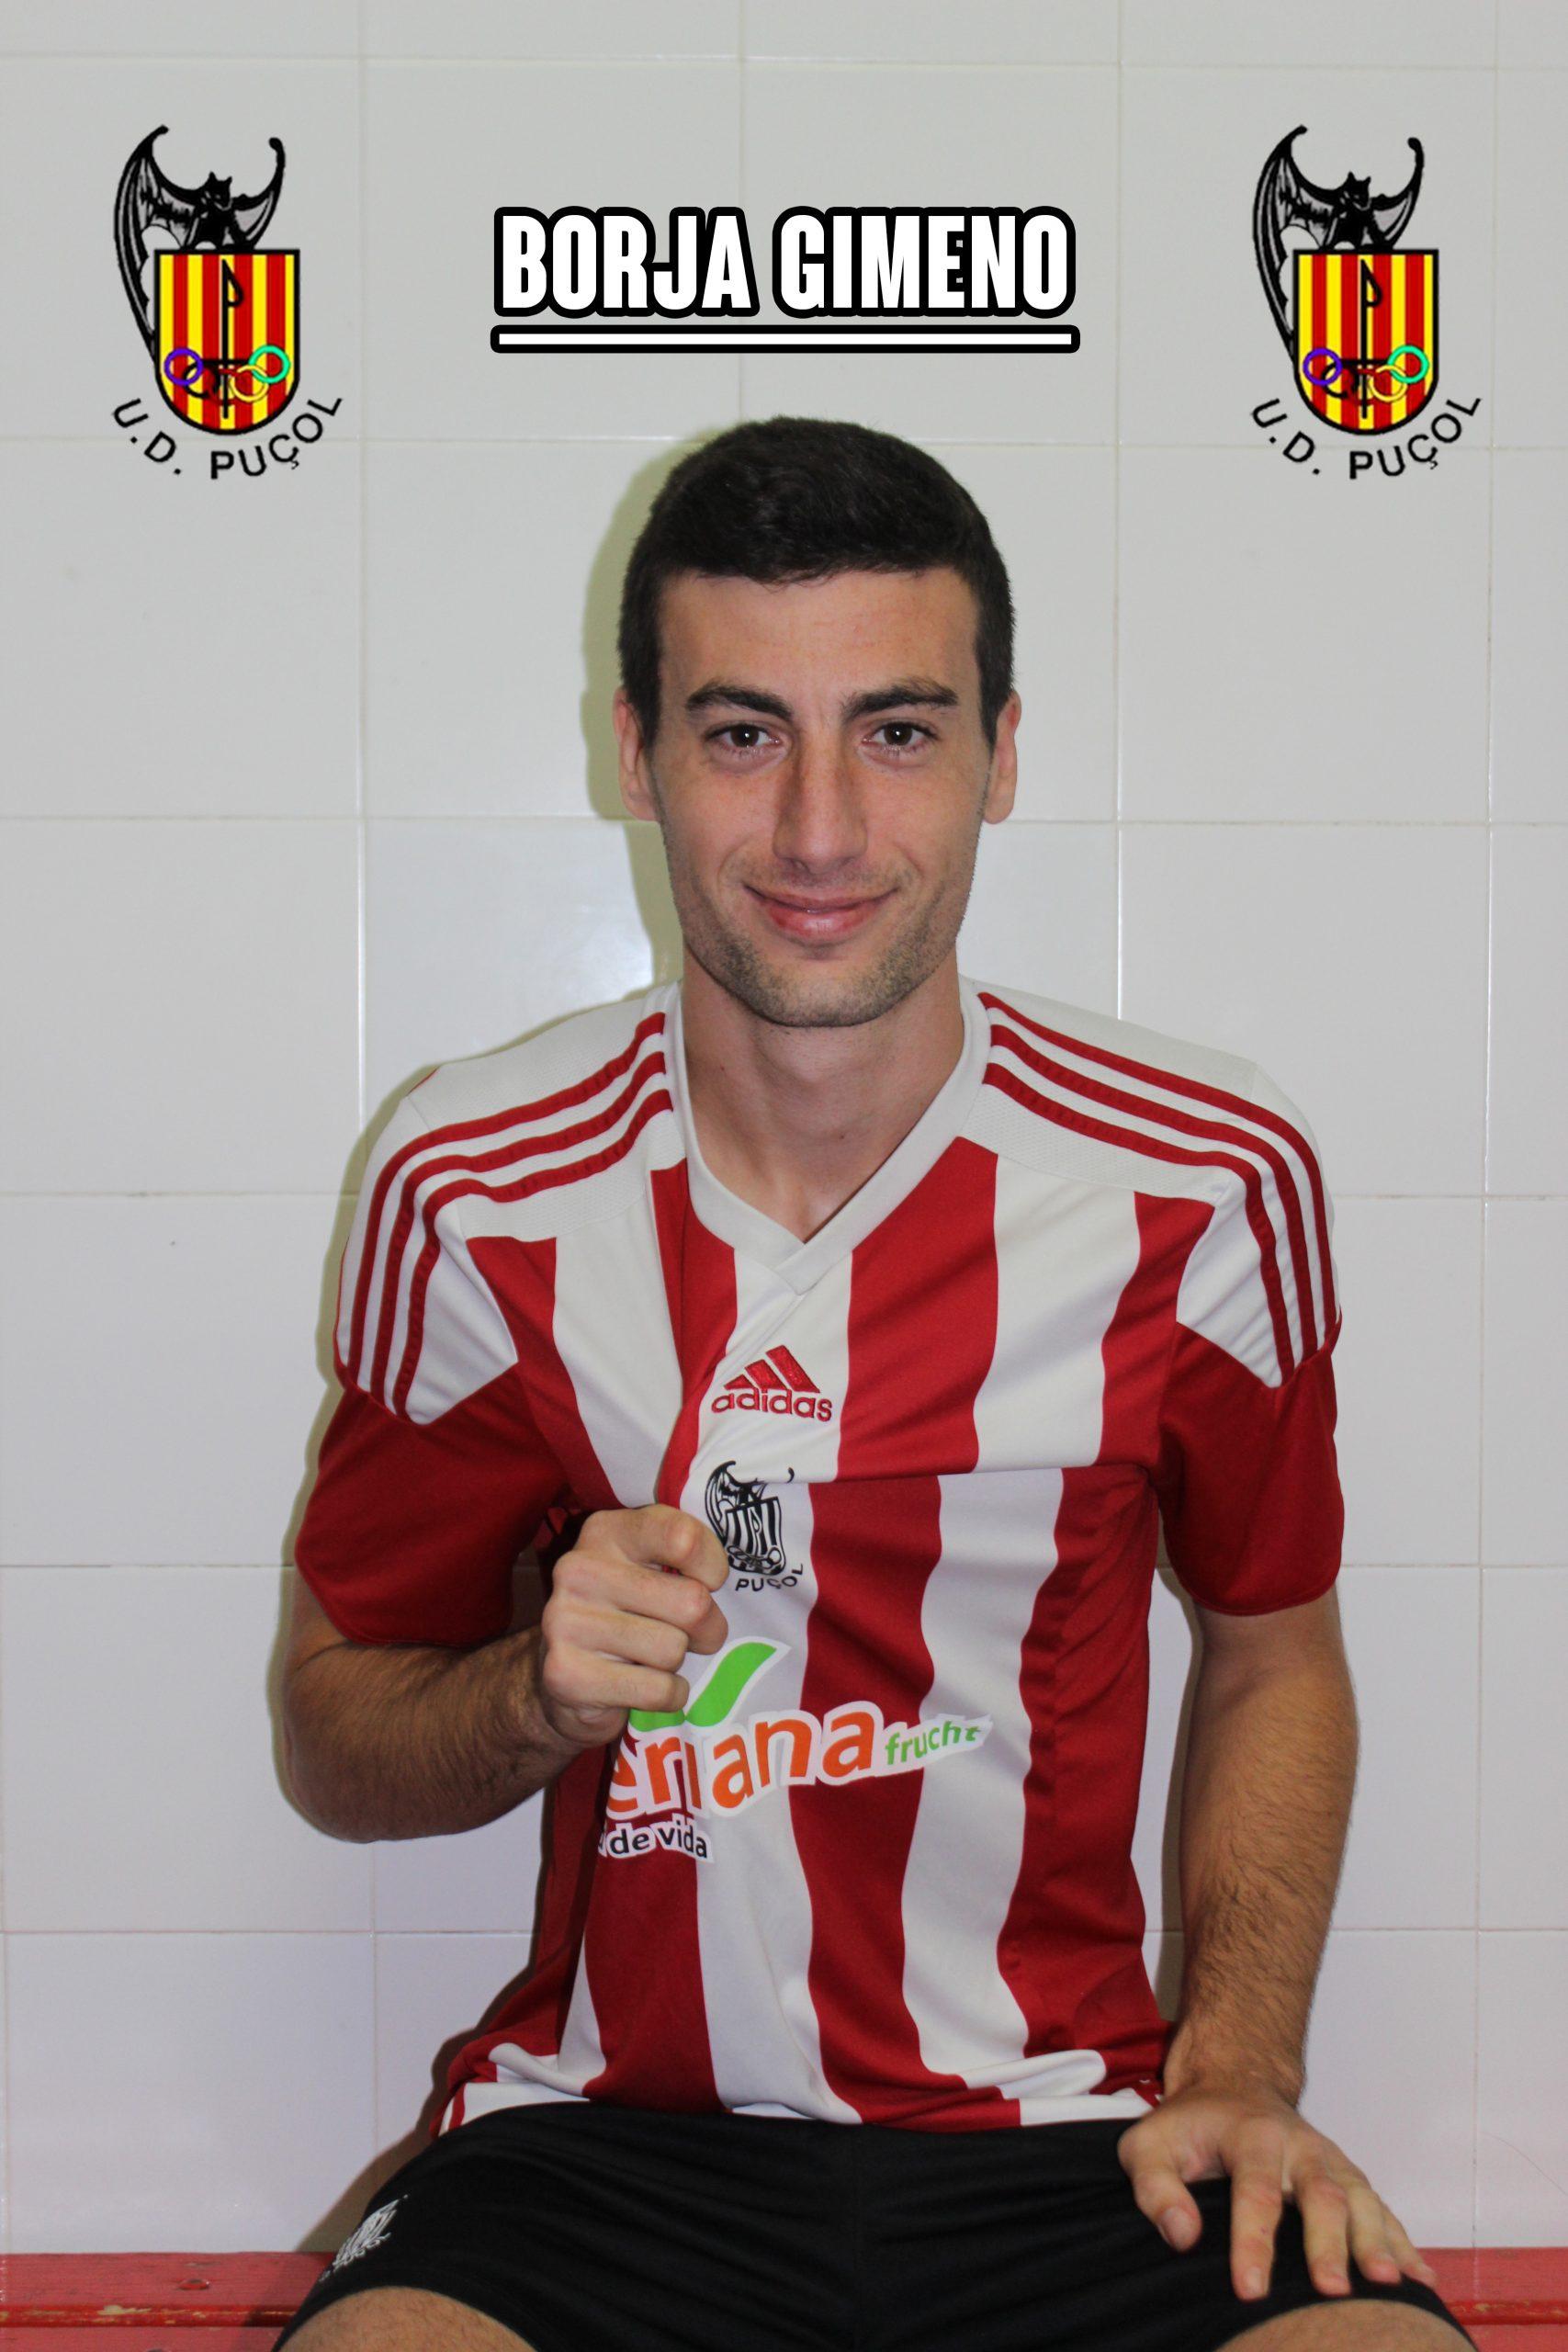 Borja Gimeno